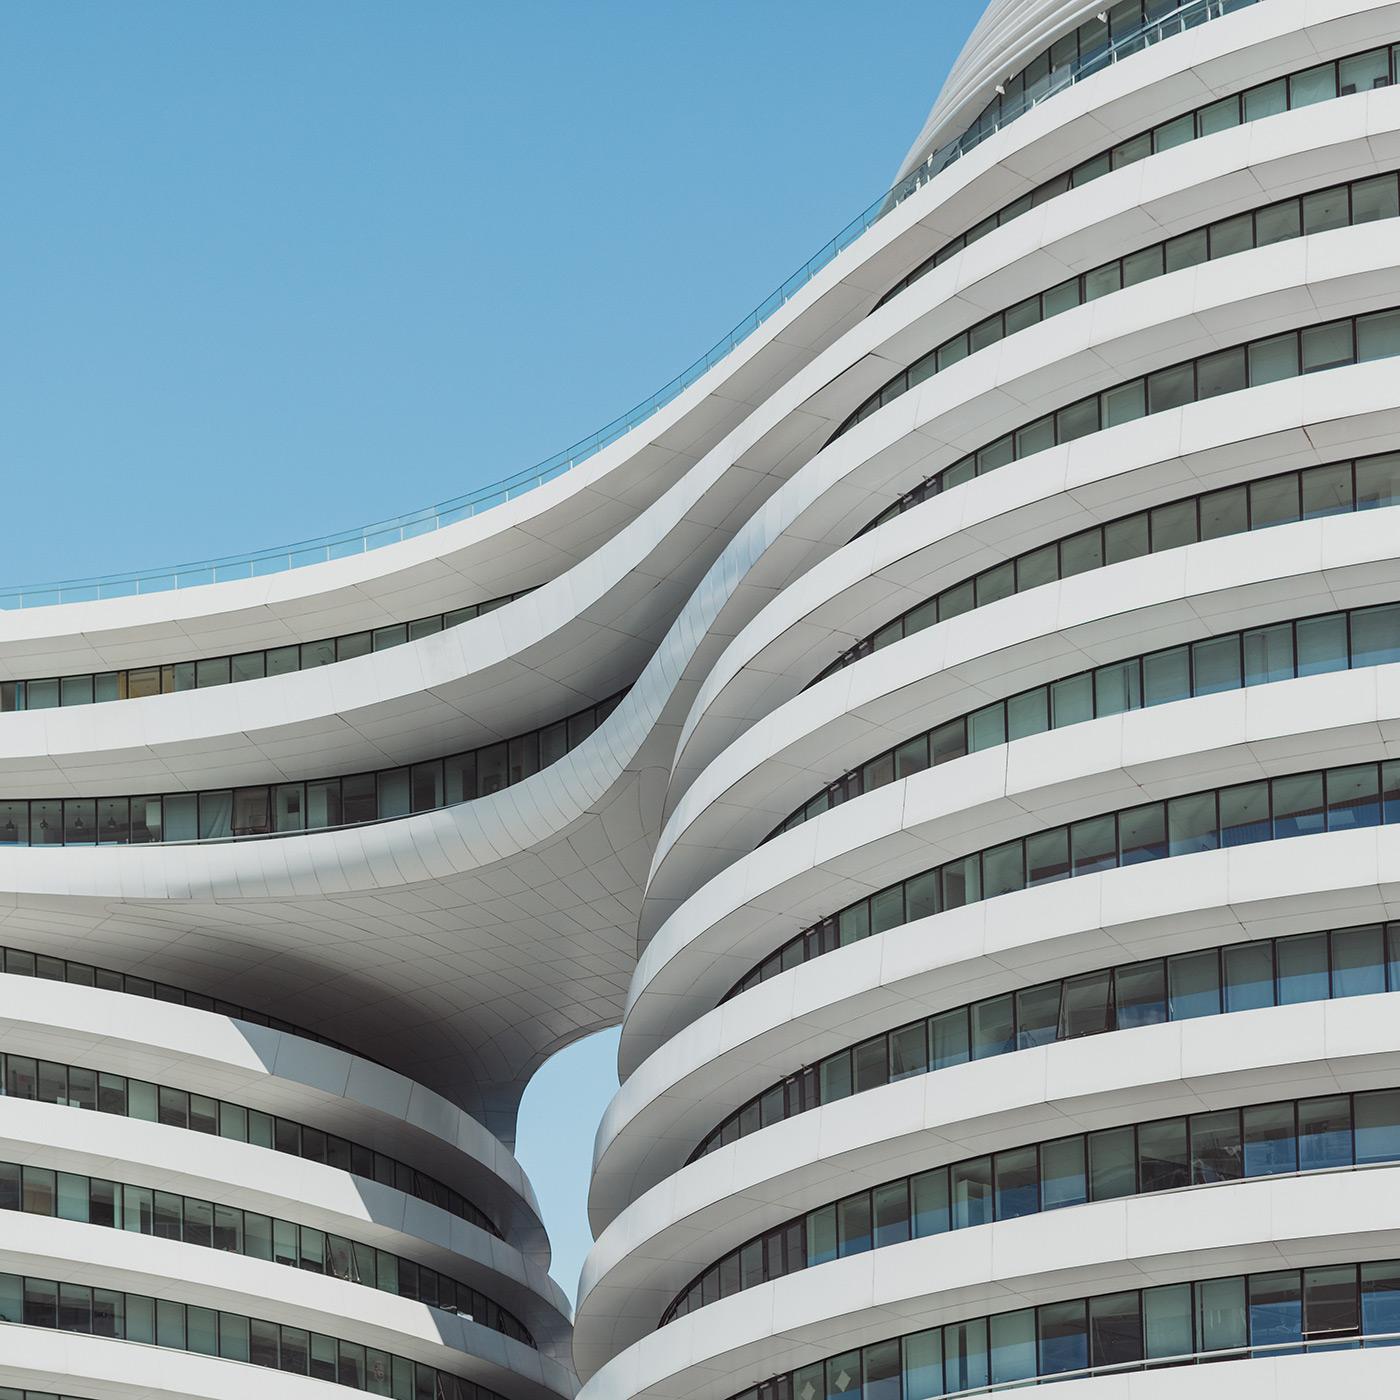 Galaxy SOHO . Location: Beijing, China . Architect: Zaha Hadid Architects